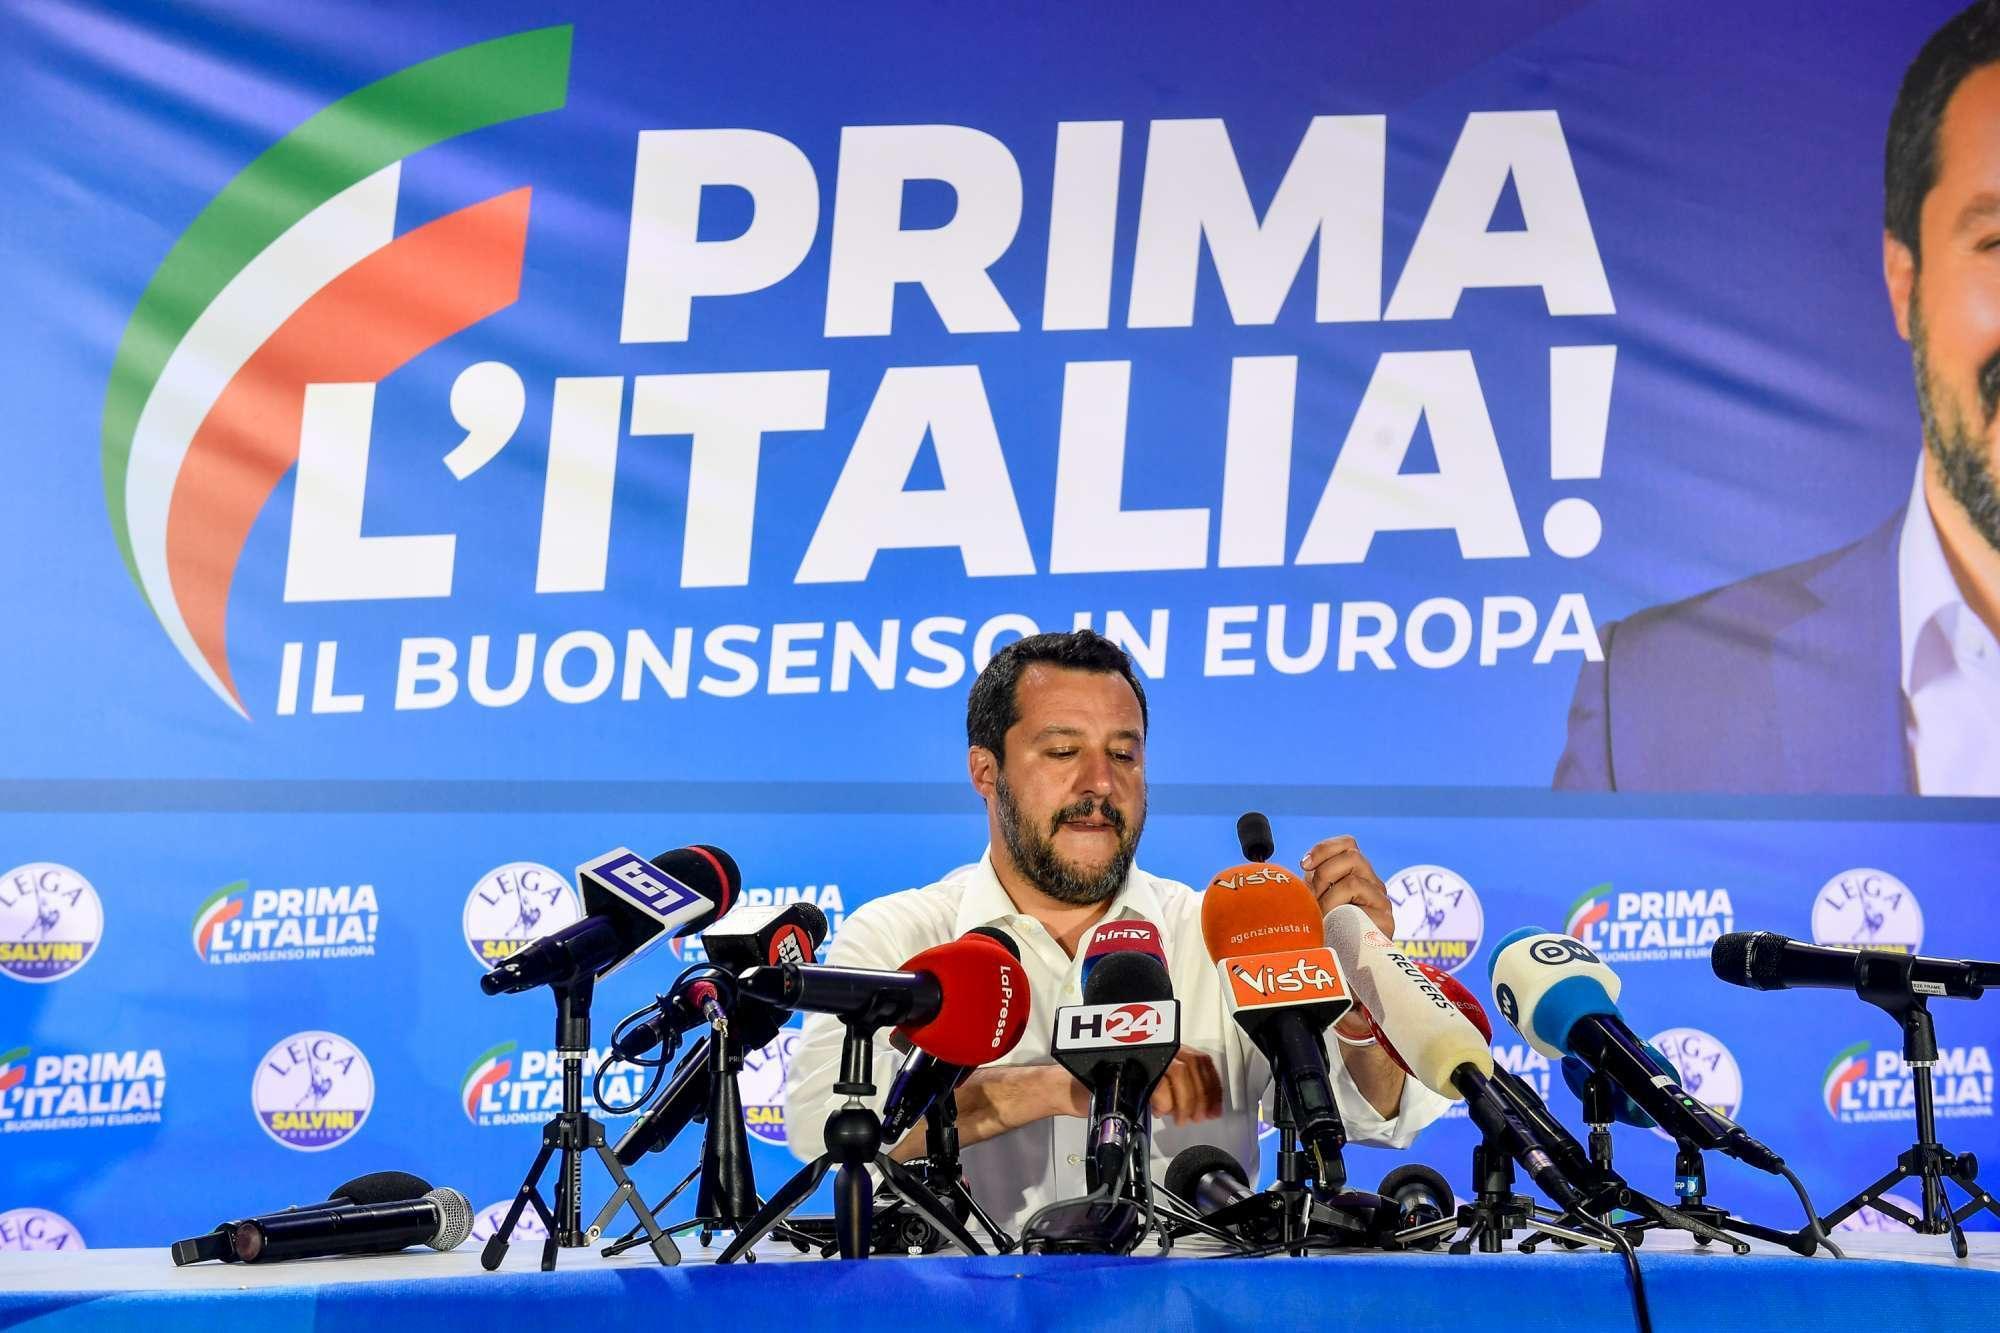 Matteo Salvini in conferenza stampa dopo il voto in Europa